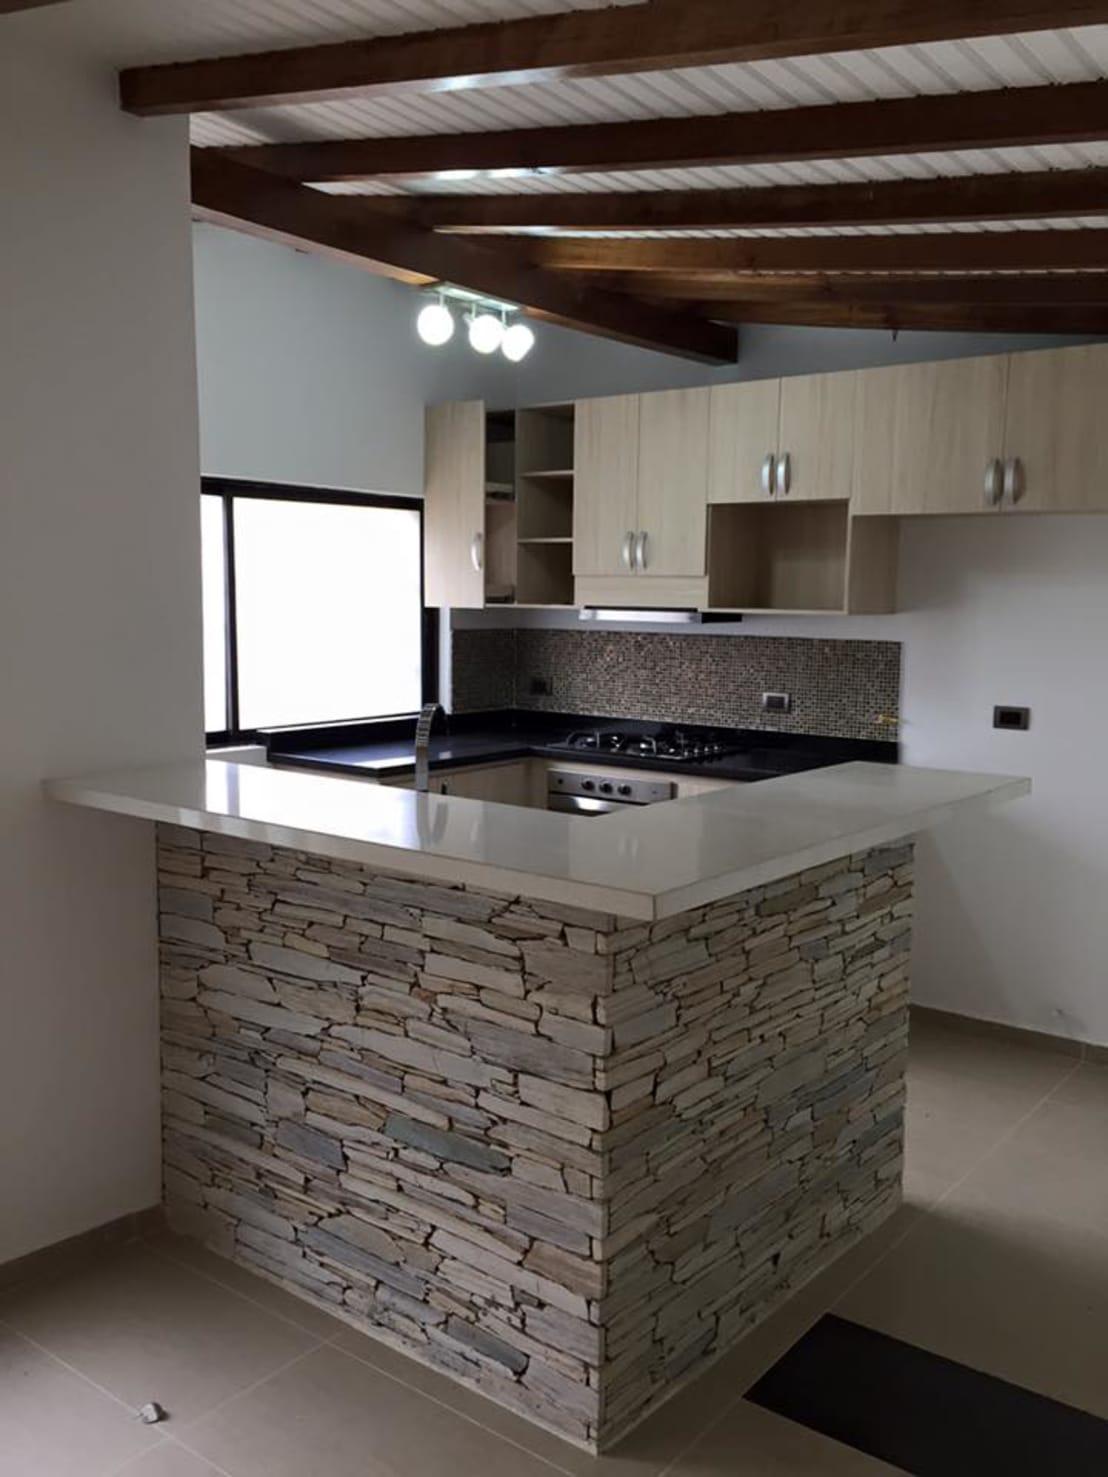 Disenos de barras de cocinas modernas 6 decoracion de for Diseno de cocinas modernas